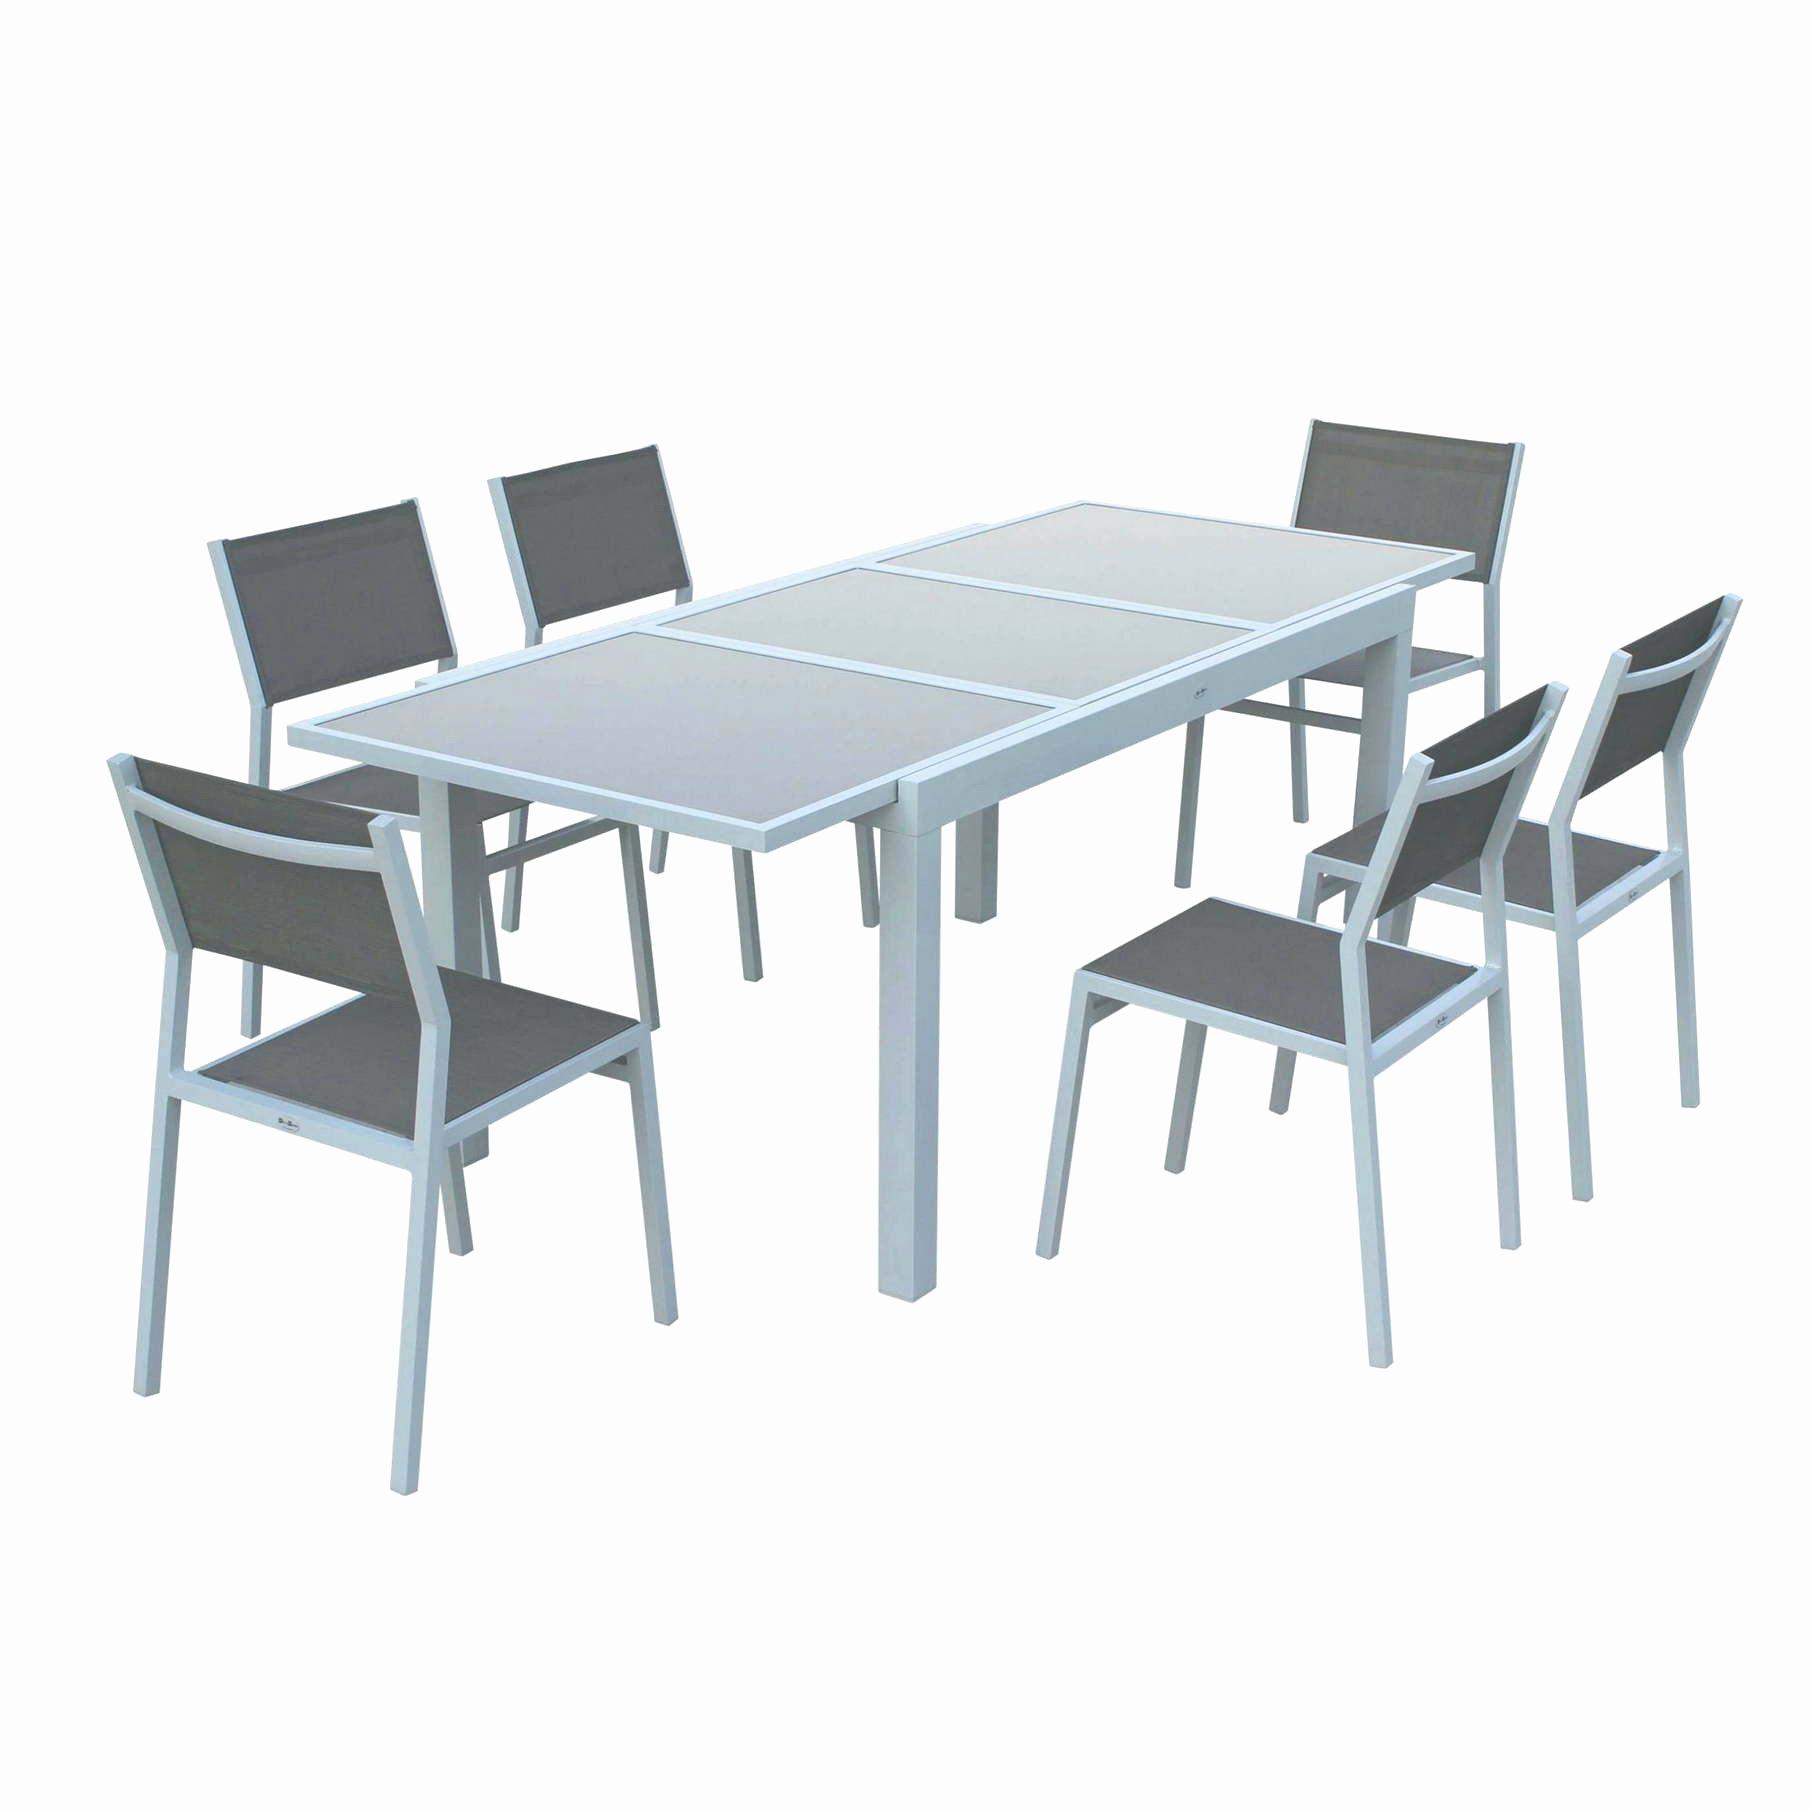 chaise de jardin metal le meilleur de table de jardin bistrot joli luxe salon de jardin bistrot best of chaise de jardin metal